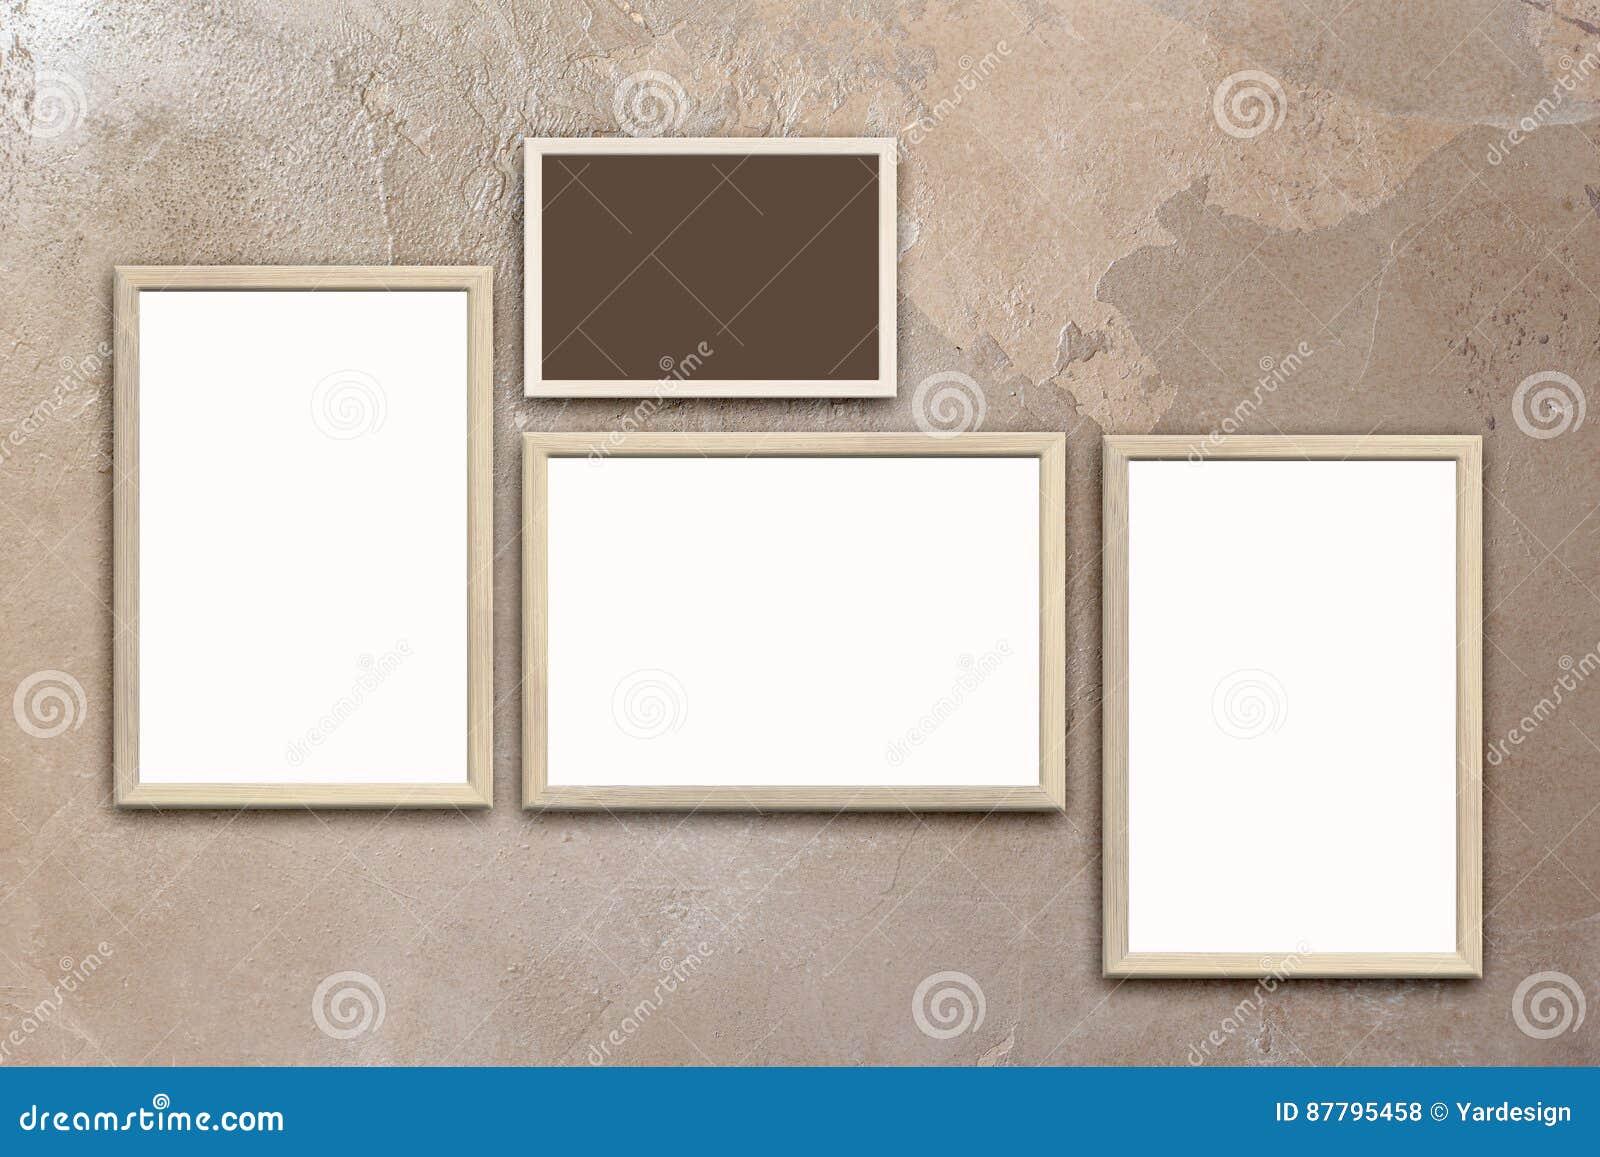 Szablon Puści Plakaty W Drewnianych Ramach Na Texturized